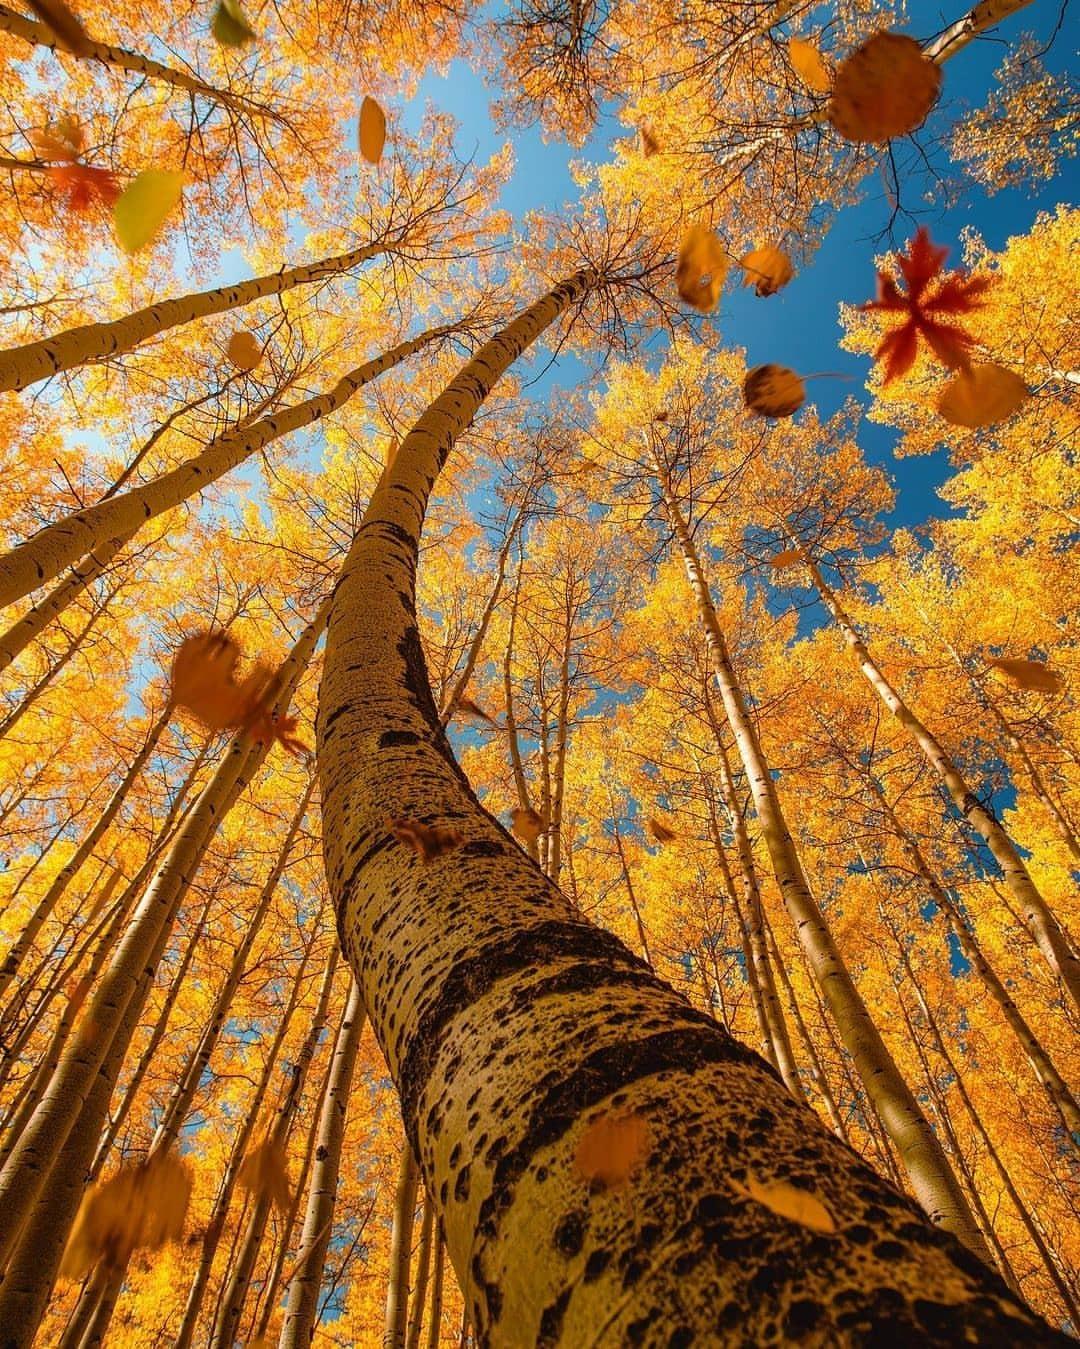 1080x1349, 462 Kb / дерево, ствол, изгиб, листья, берёза, желтый, снизу, осень